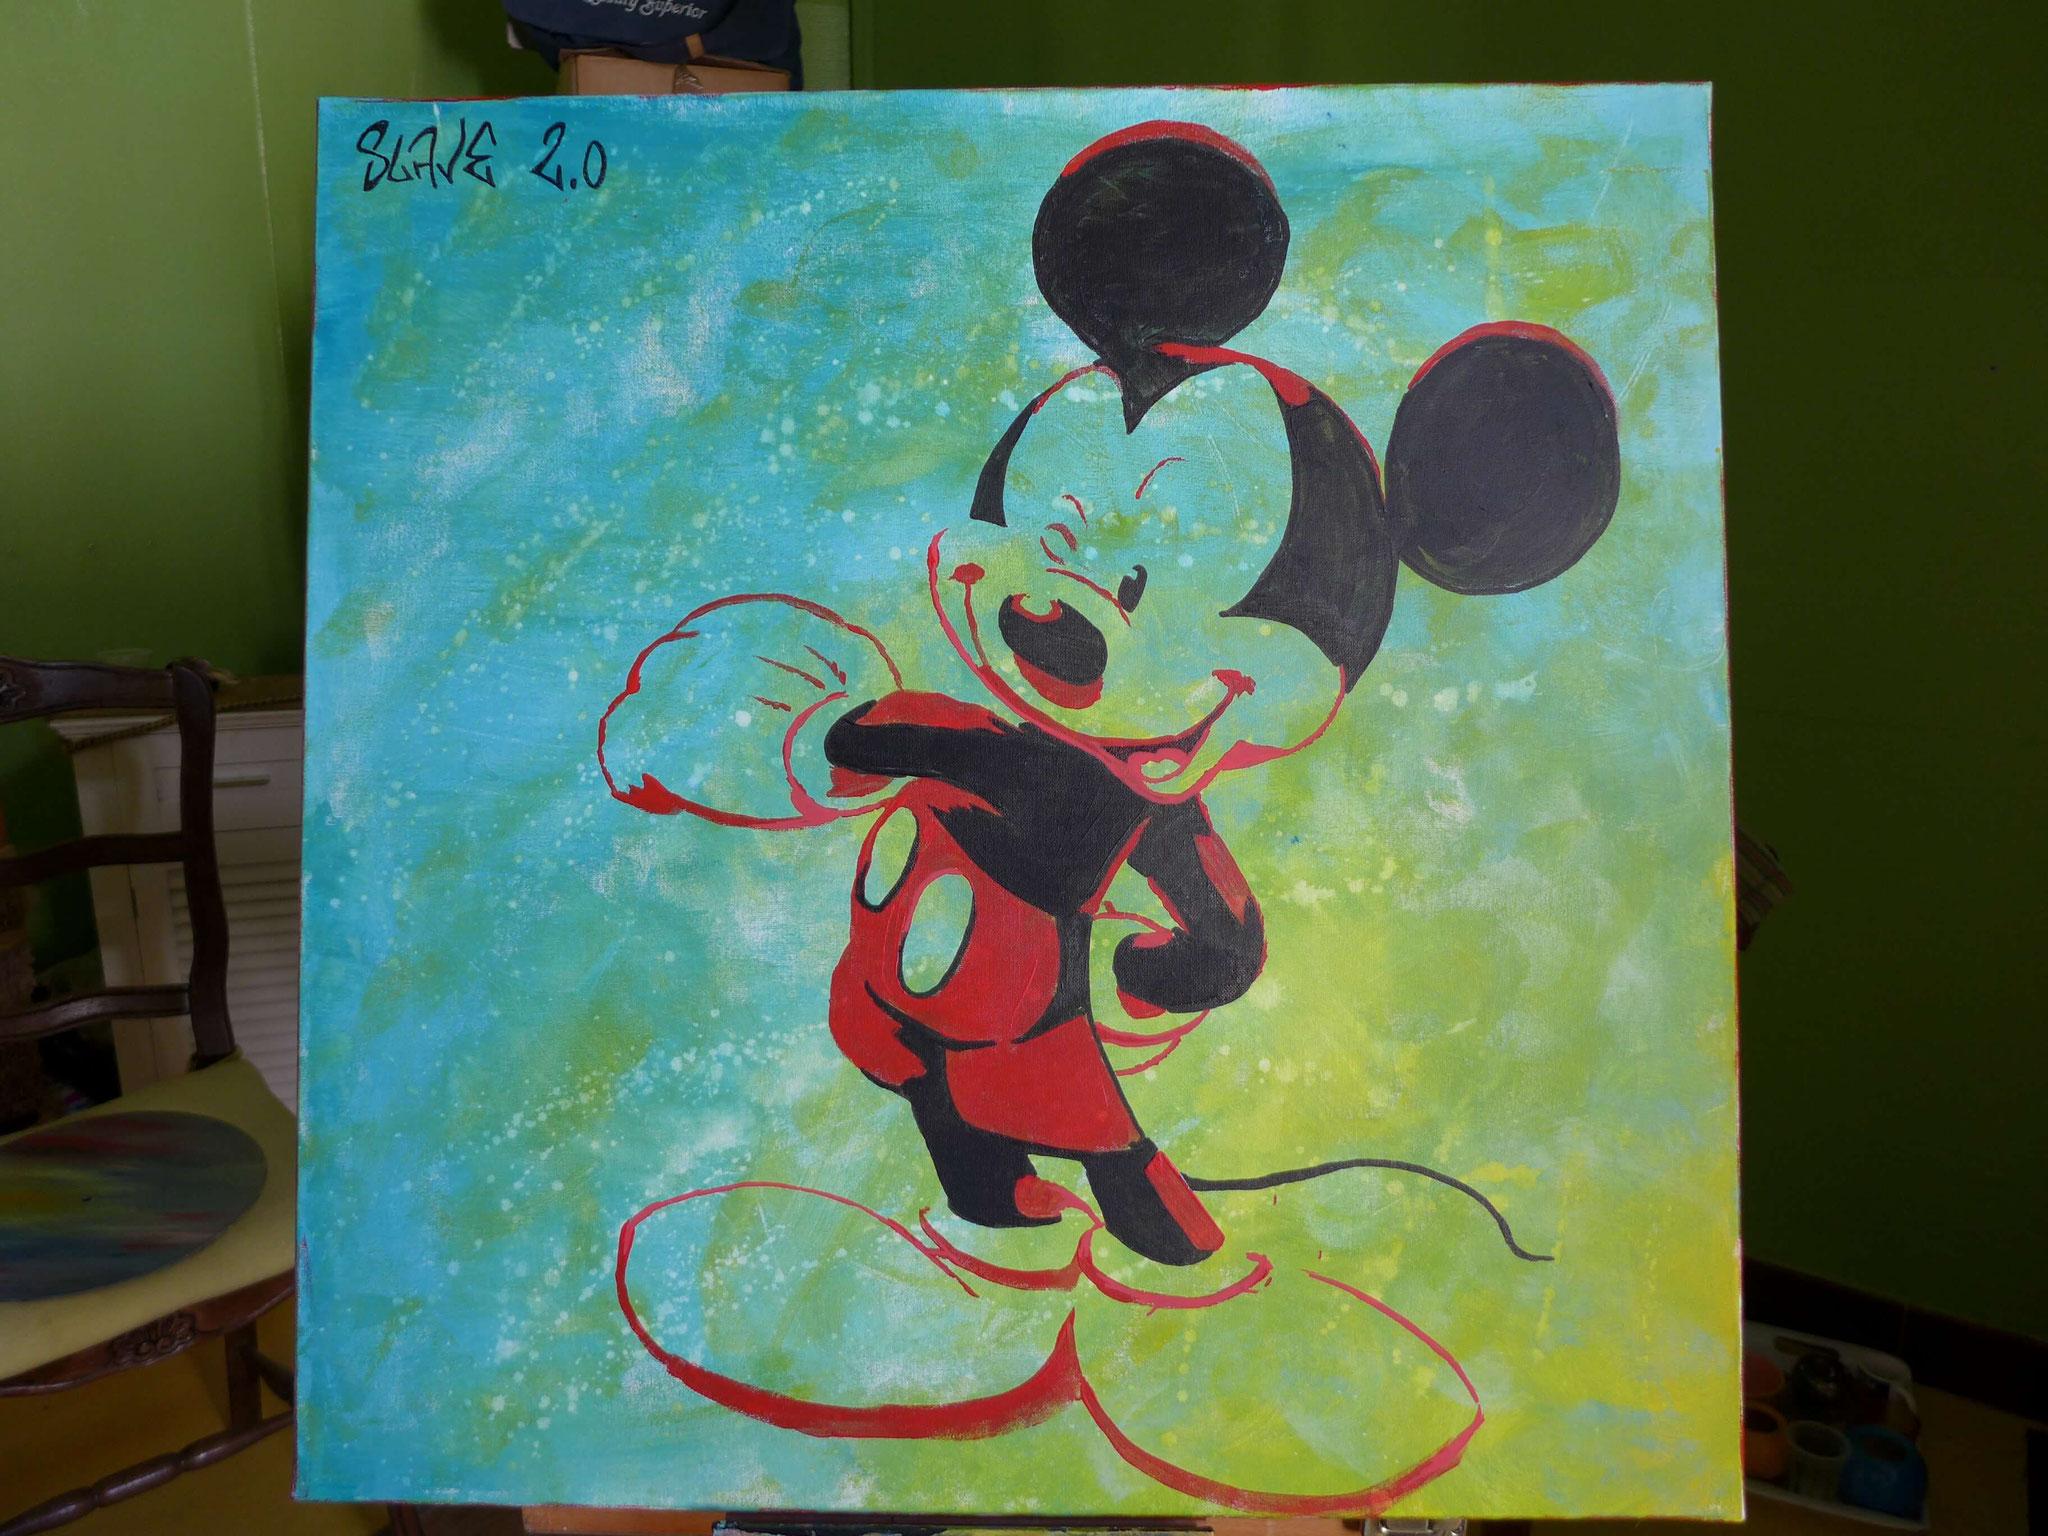 Mickey Mouse street art sur toile par Slave 2.0